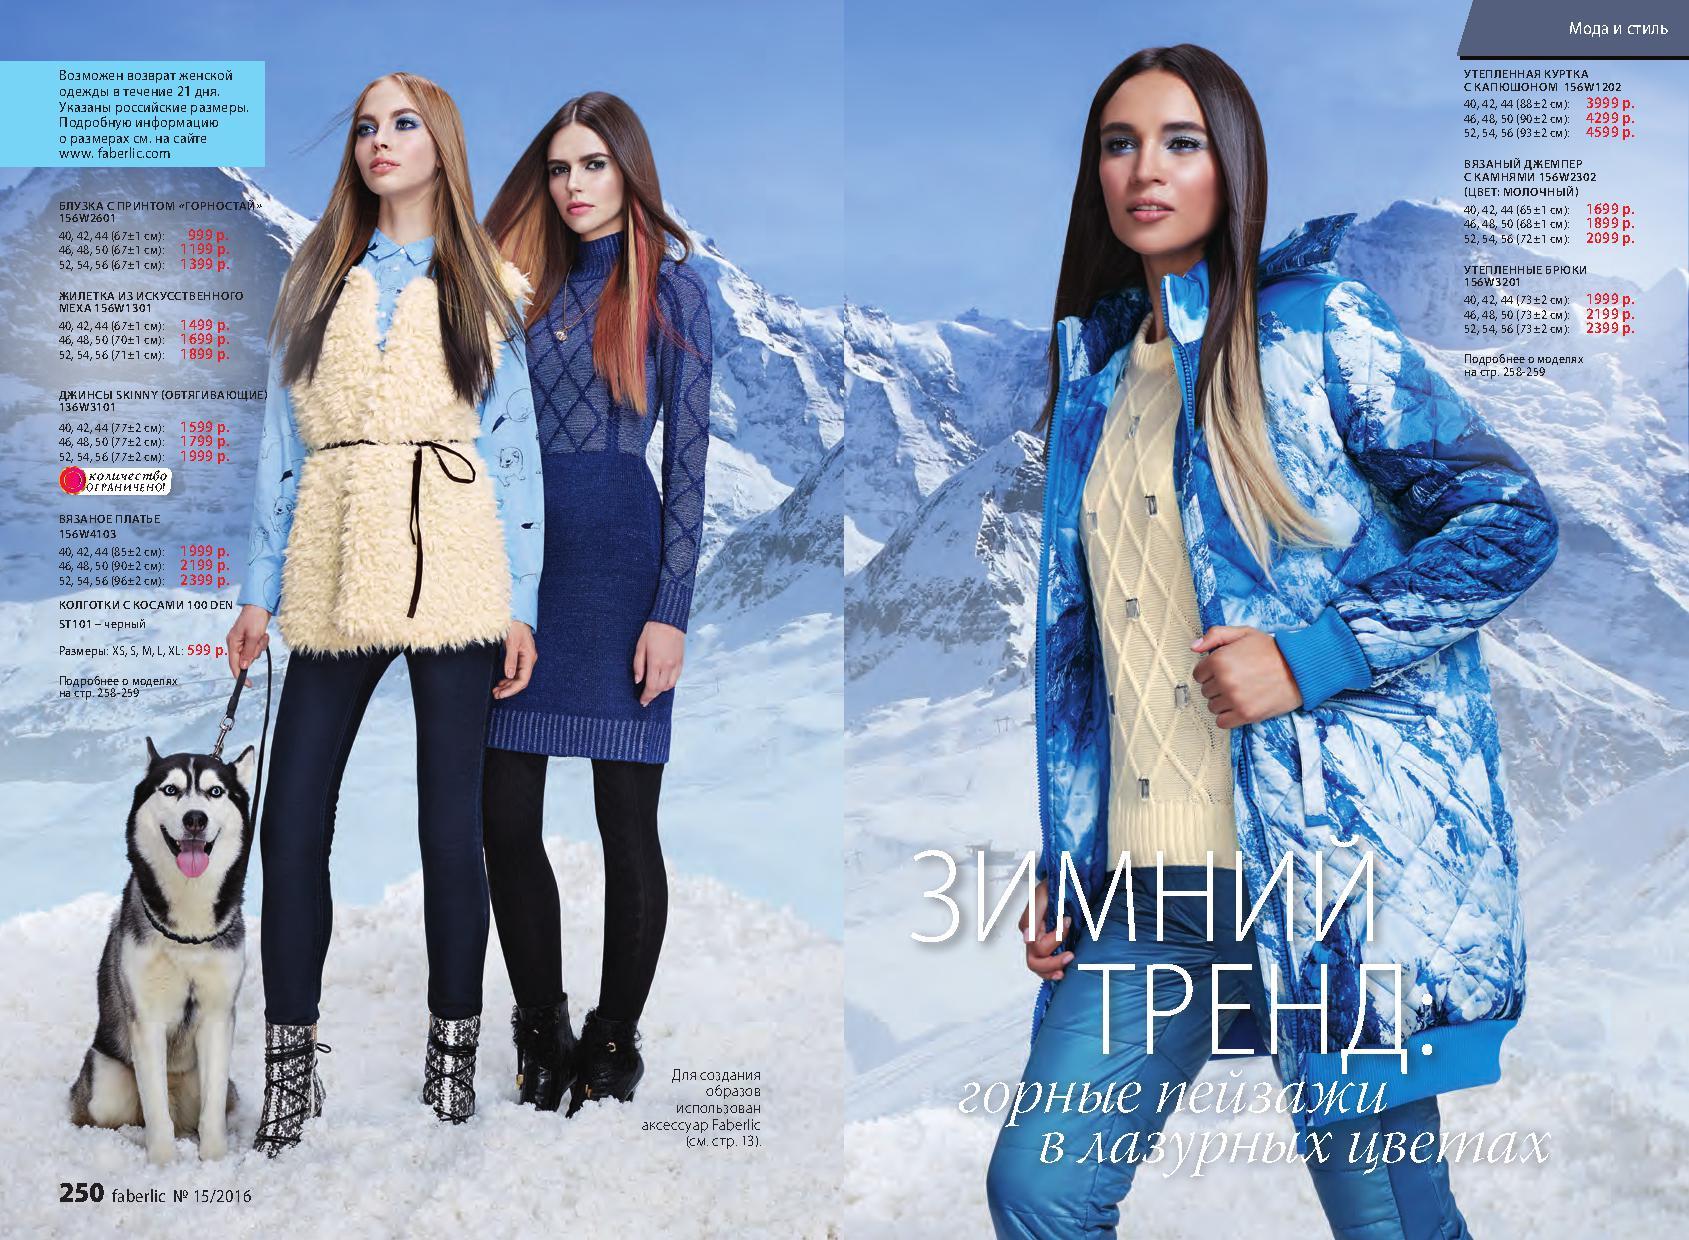 Интернет Магазин Фаберлик Одежда Для Женщин